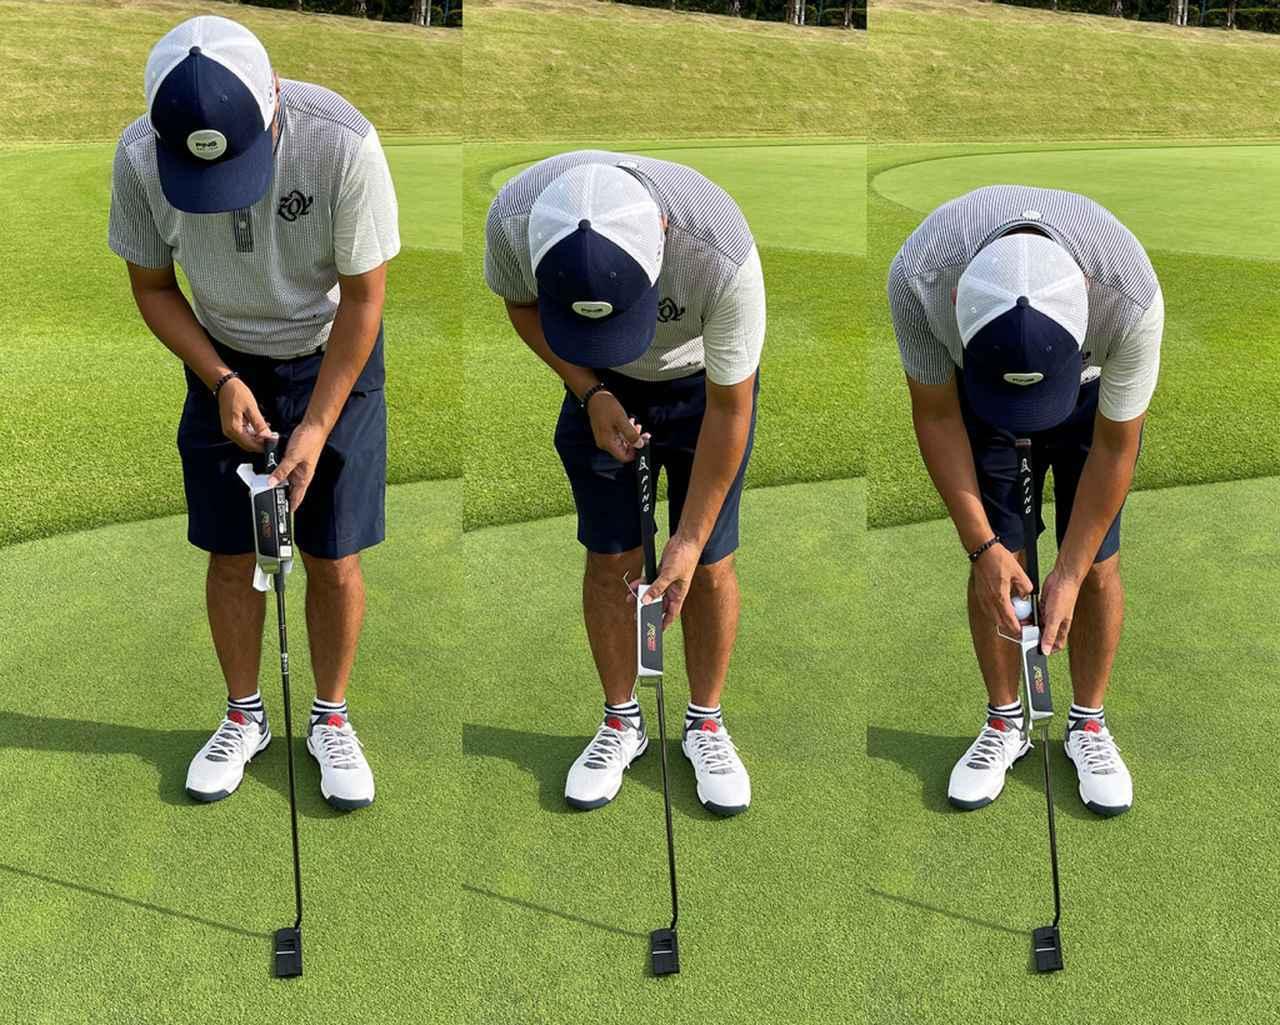 画像: シャフトにスリーブを通し、スリーブ面を調整してボールを挟み込み固定する